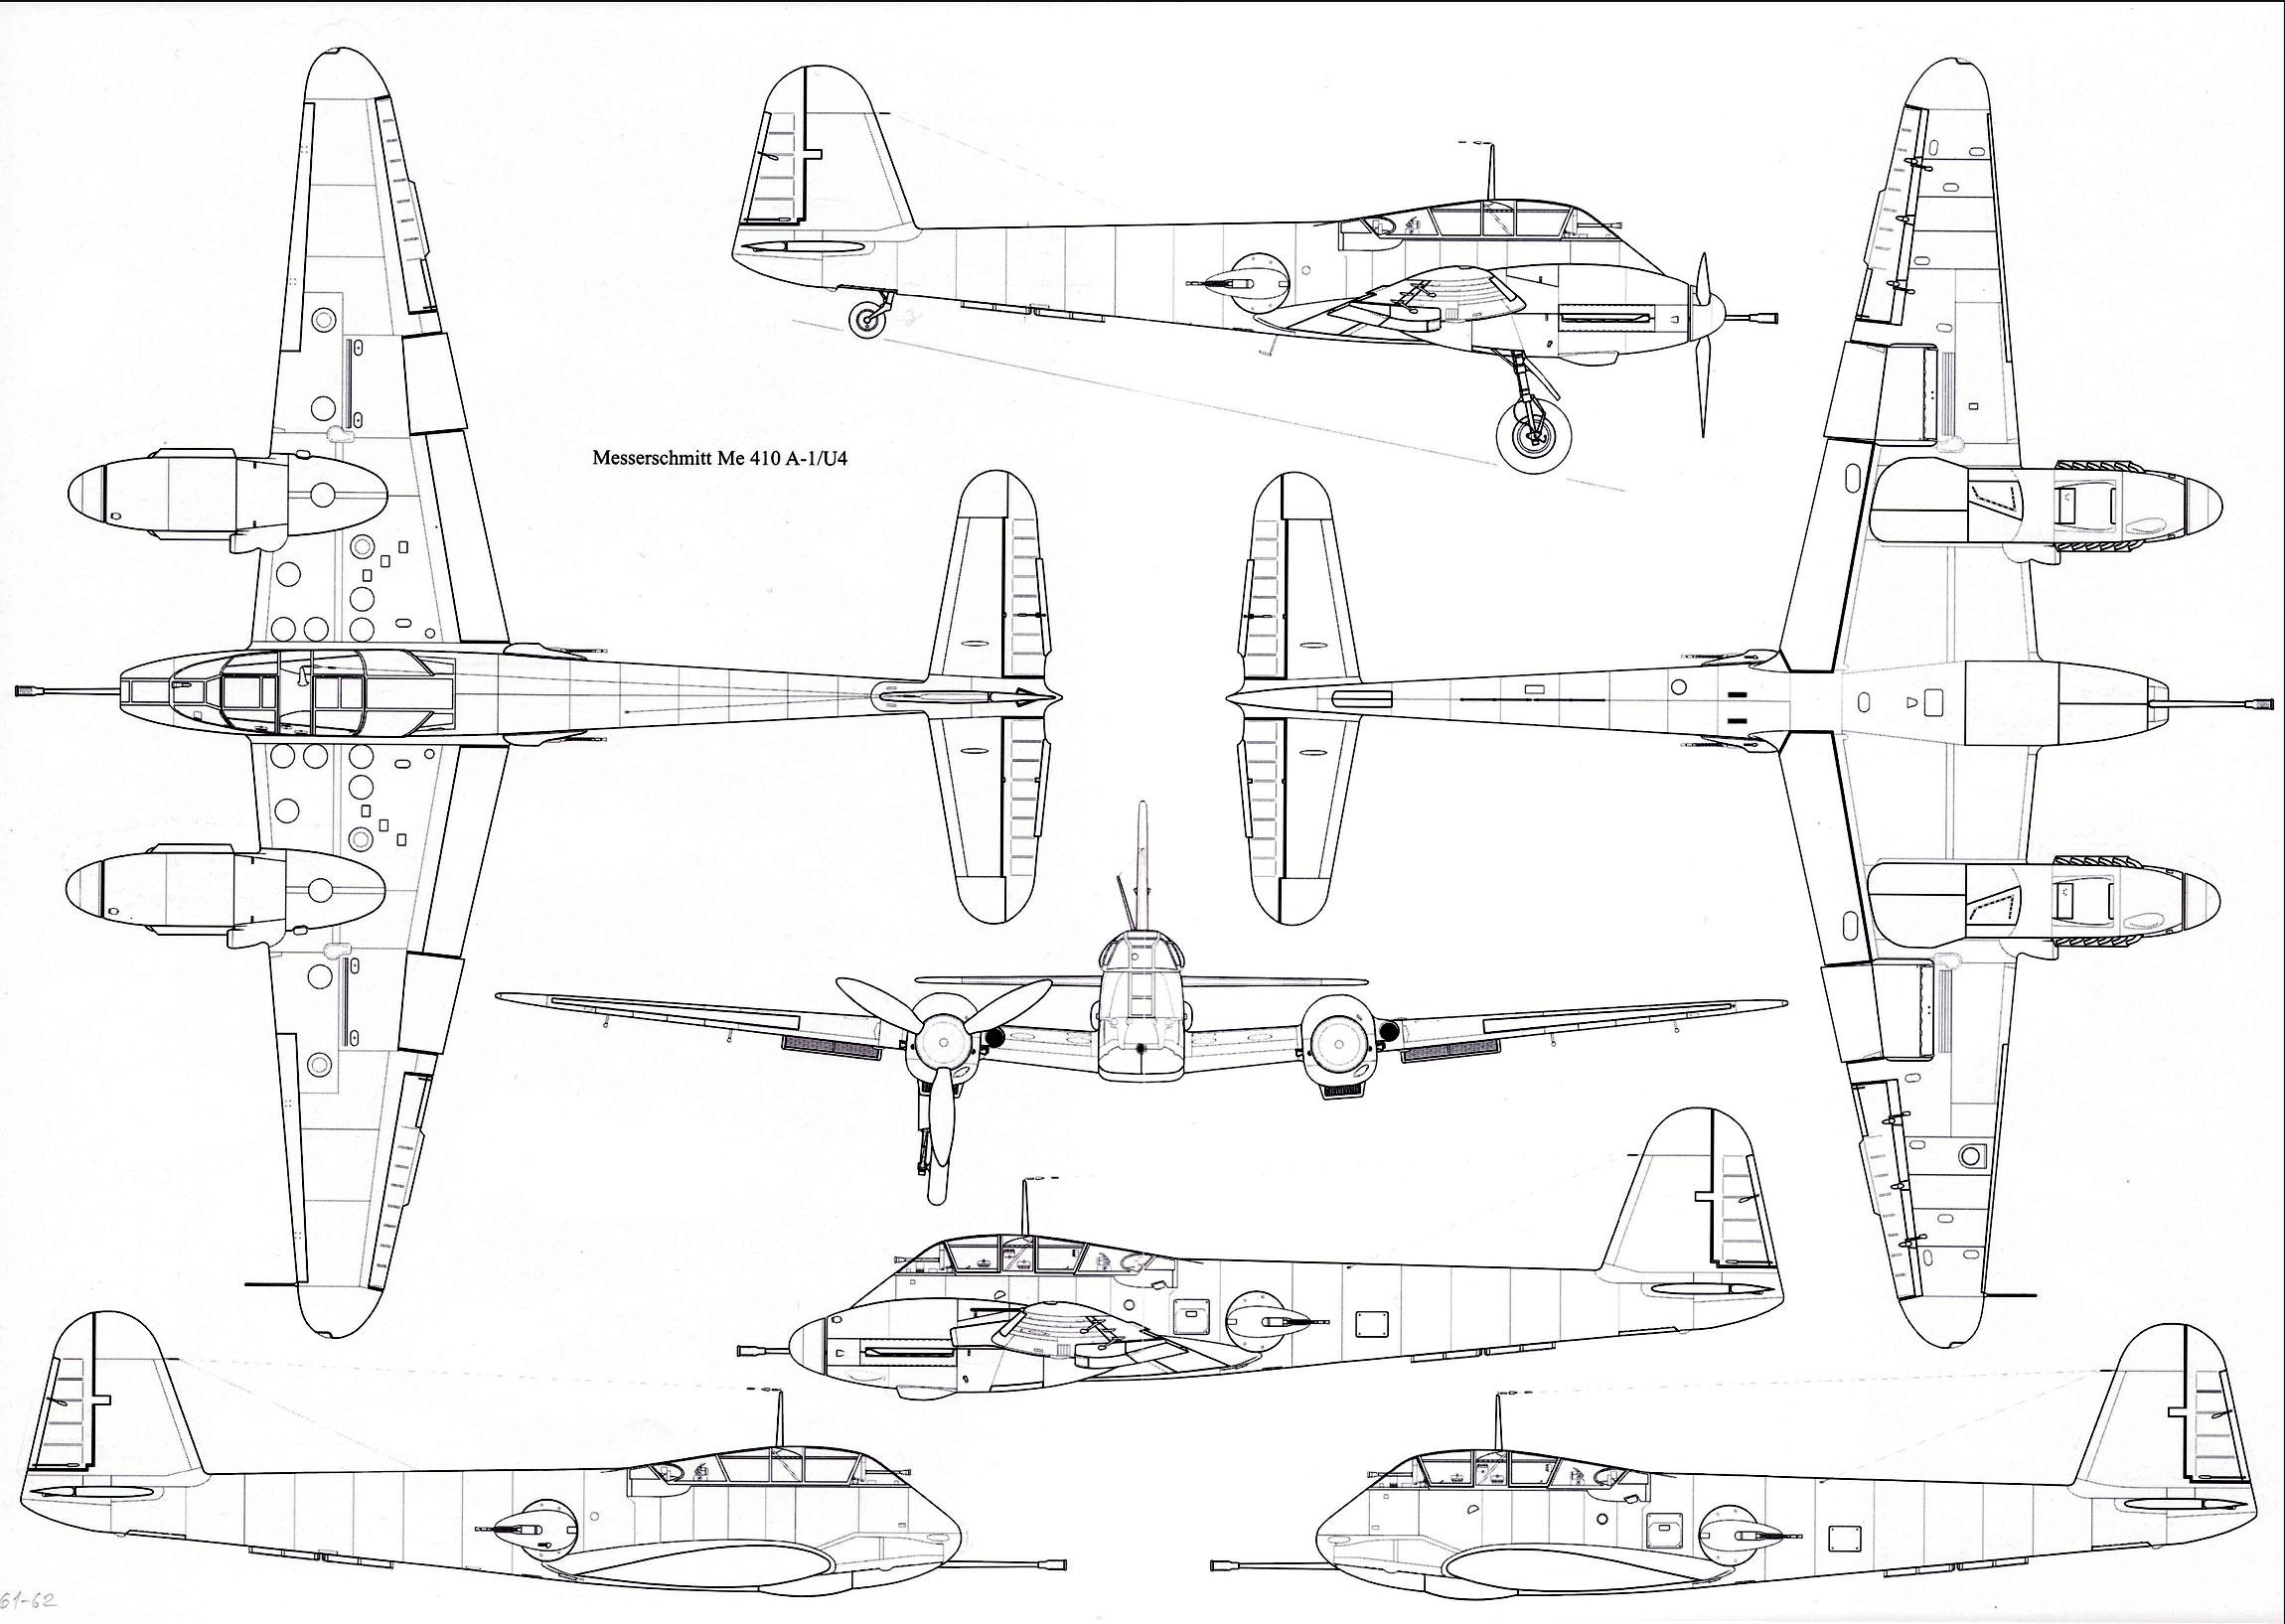 Messerschmitt Me 410A1 Hornisse 1 72 scale Line drawing 01